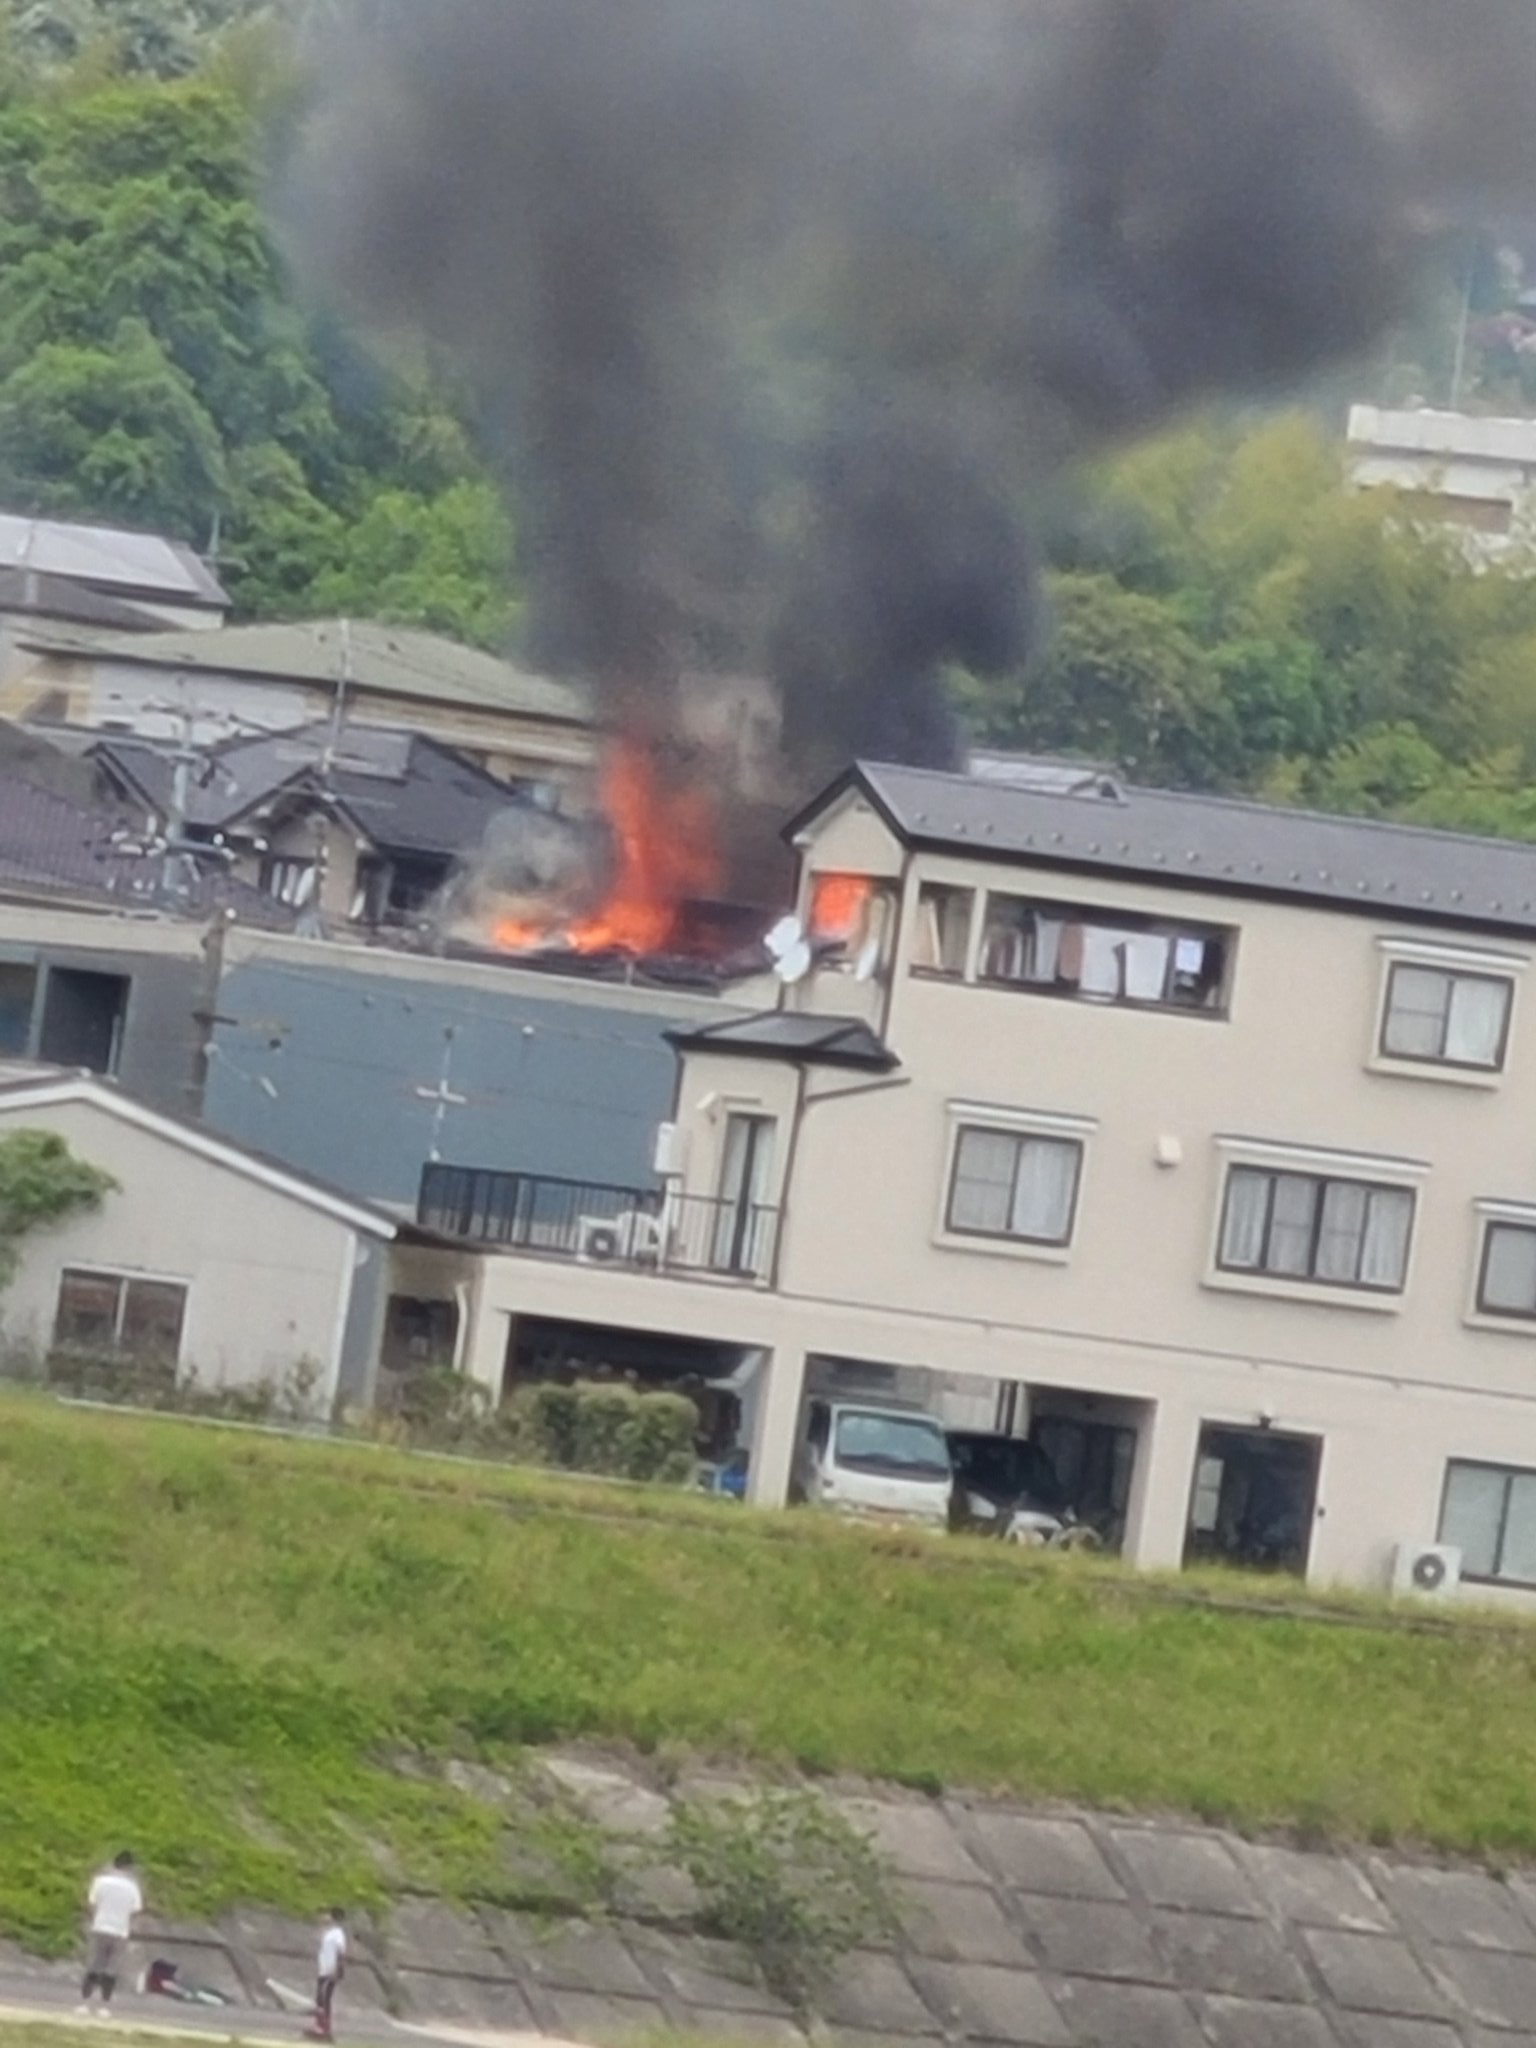 画像,通りすがりに真っ黒い煙が凄くて火事🔥❔かなて話してたら本当に火事だった😲消防車も凄い数行っててびっくり‼️#広島#西区#火事 https://t.co/NPIf…